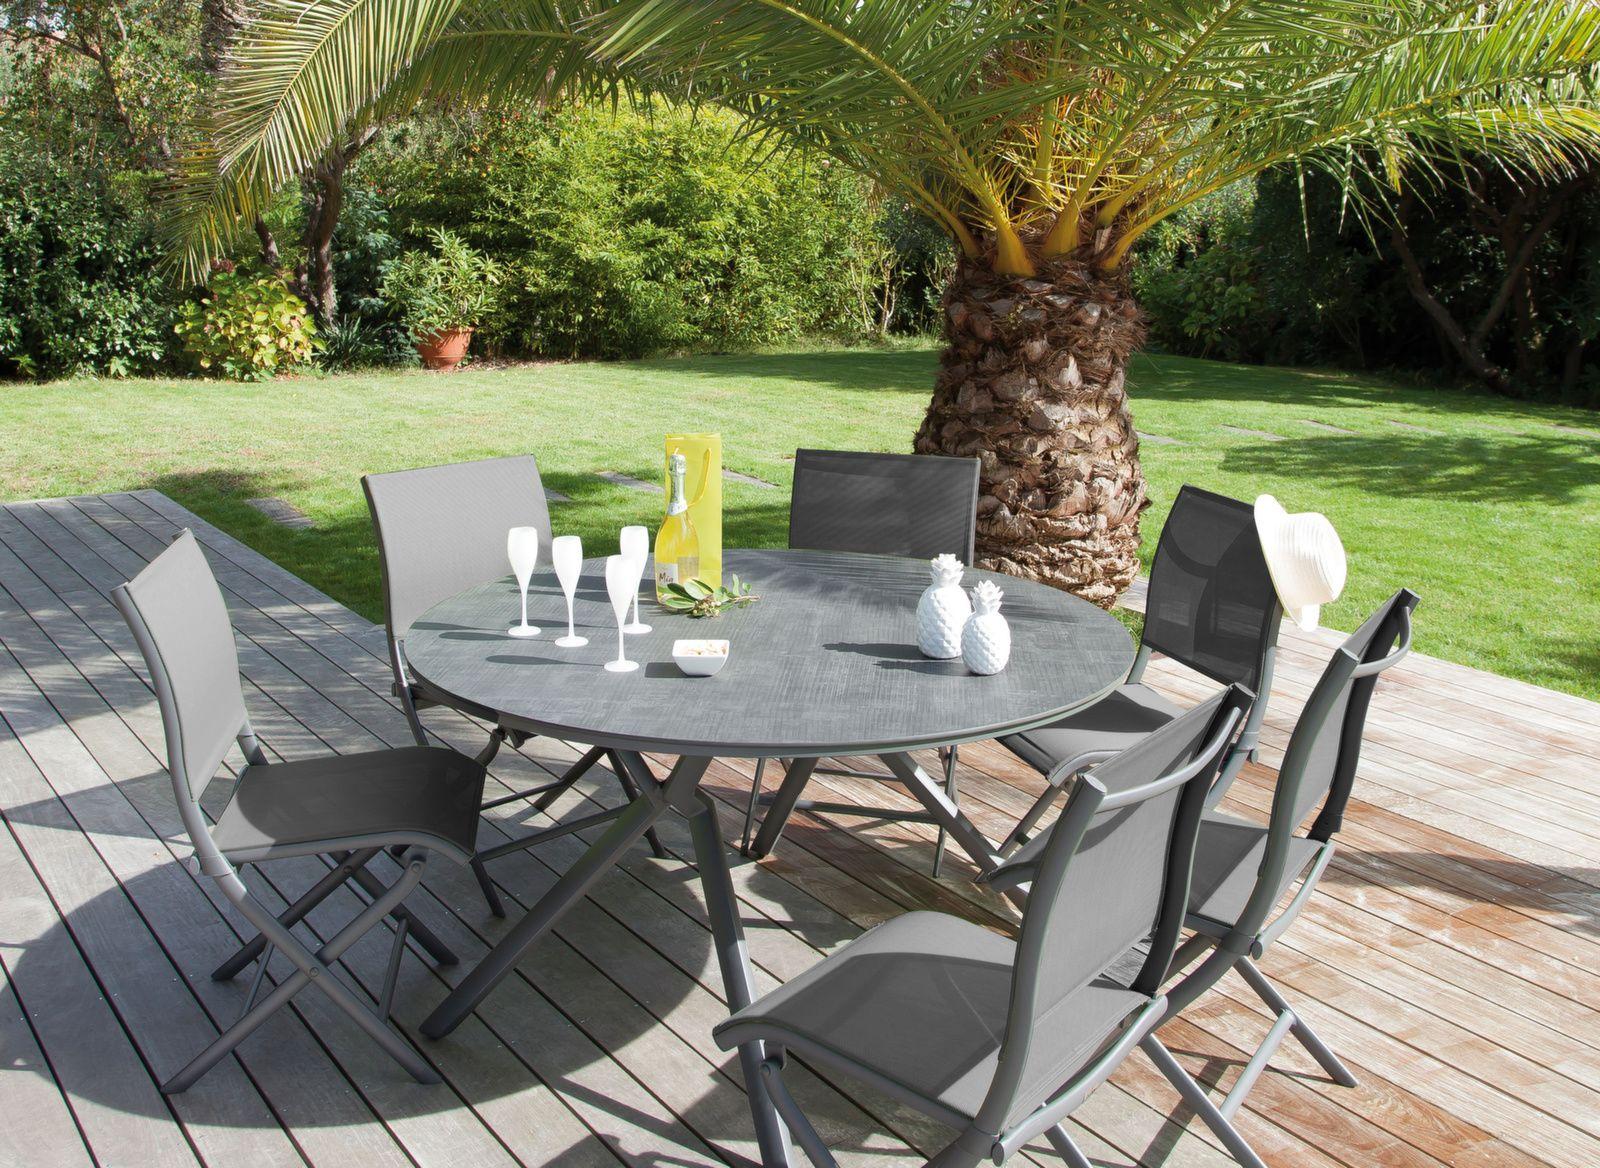 CHAISES 6 PERSONNES HOUSSE DE PROTECTION ELEGANCE POUR TABLE RONDE